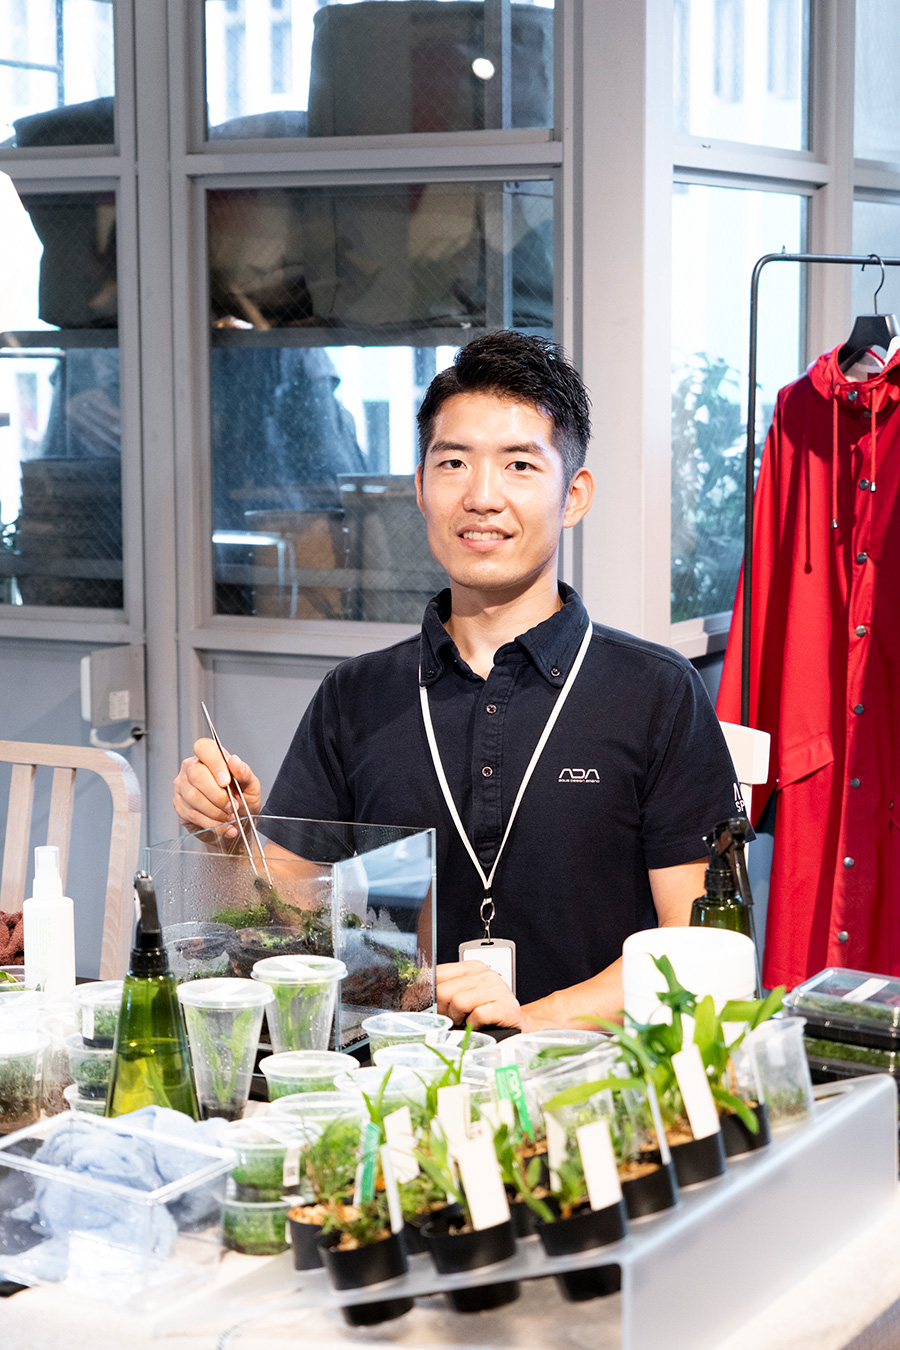 ワークショップ講師の松本隆介さん。アクアデザインアマノは、ネイチャーアクアリウムを提唱した写真家、天野尚氏が創業。水槽や照明・CO2添加器具などの製品を開発している。